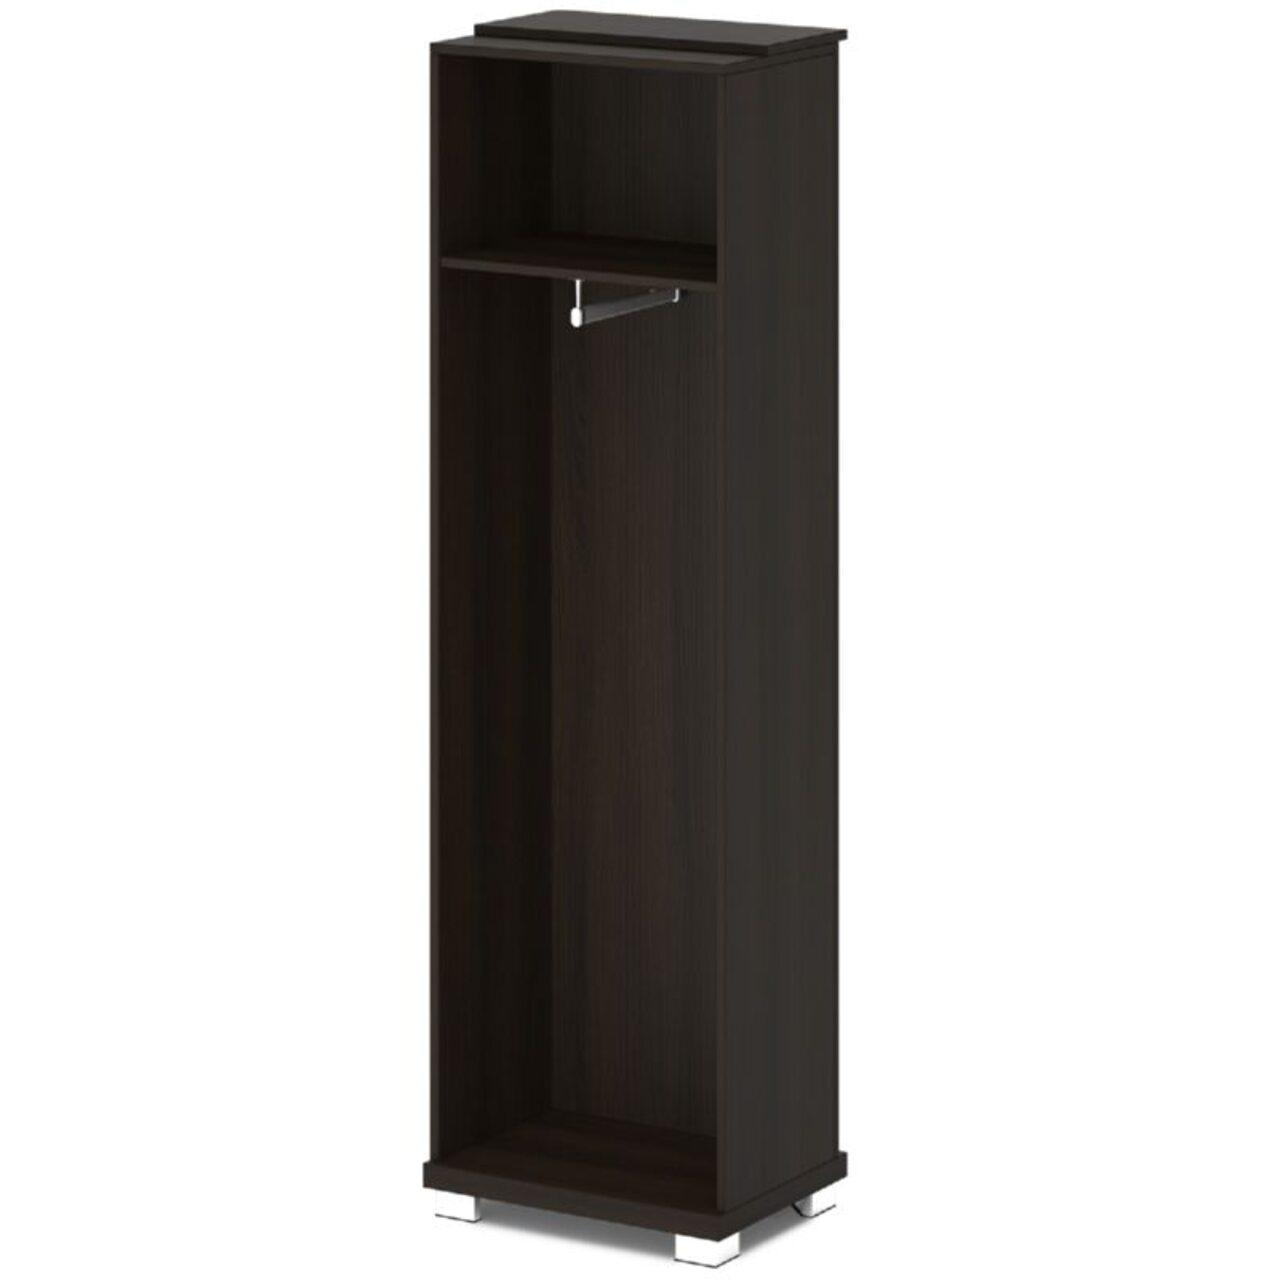 Каркас шкафа для одежды центральный - фото 4